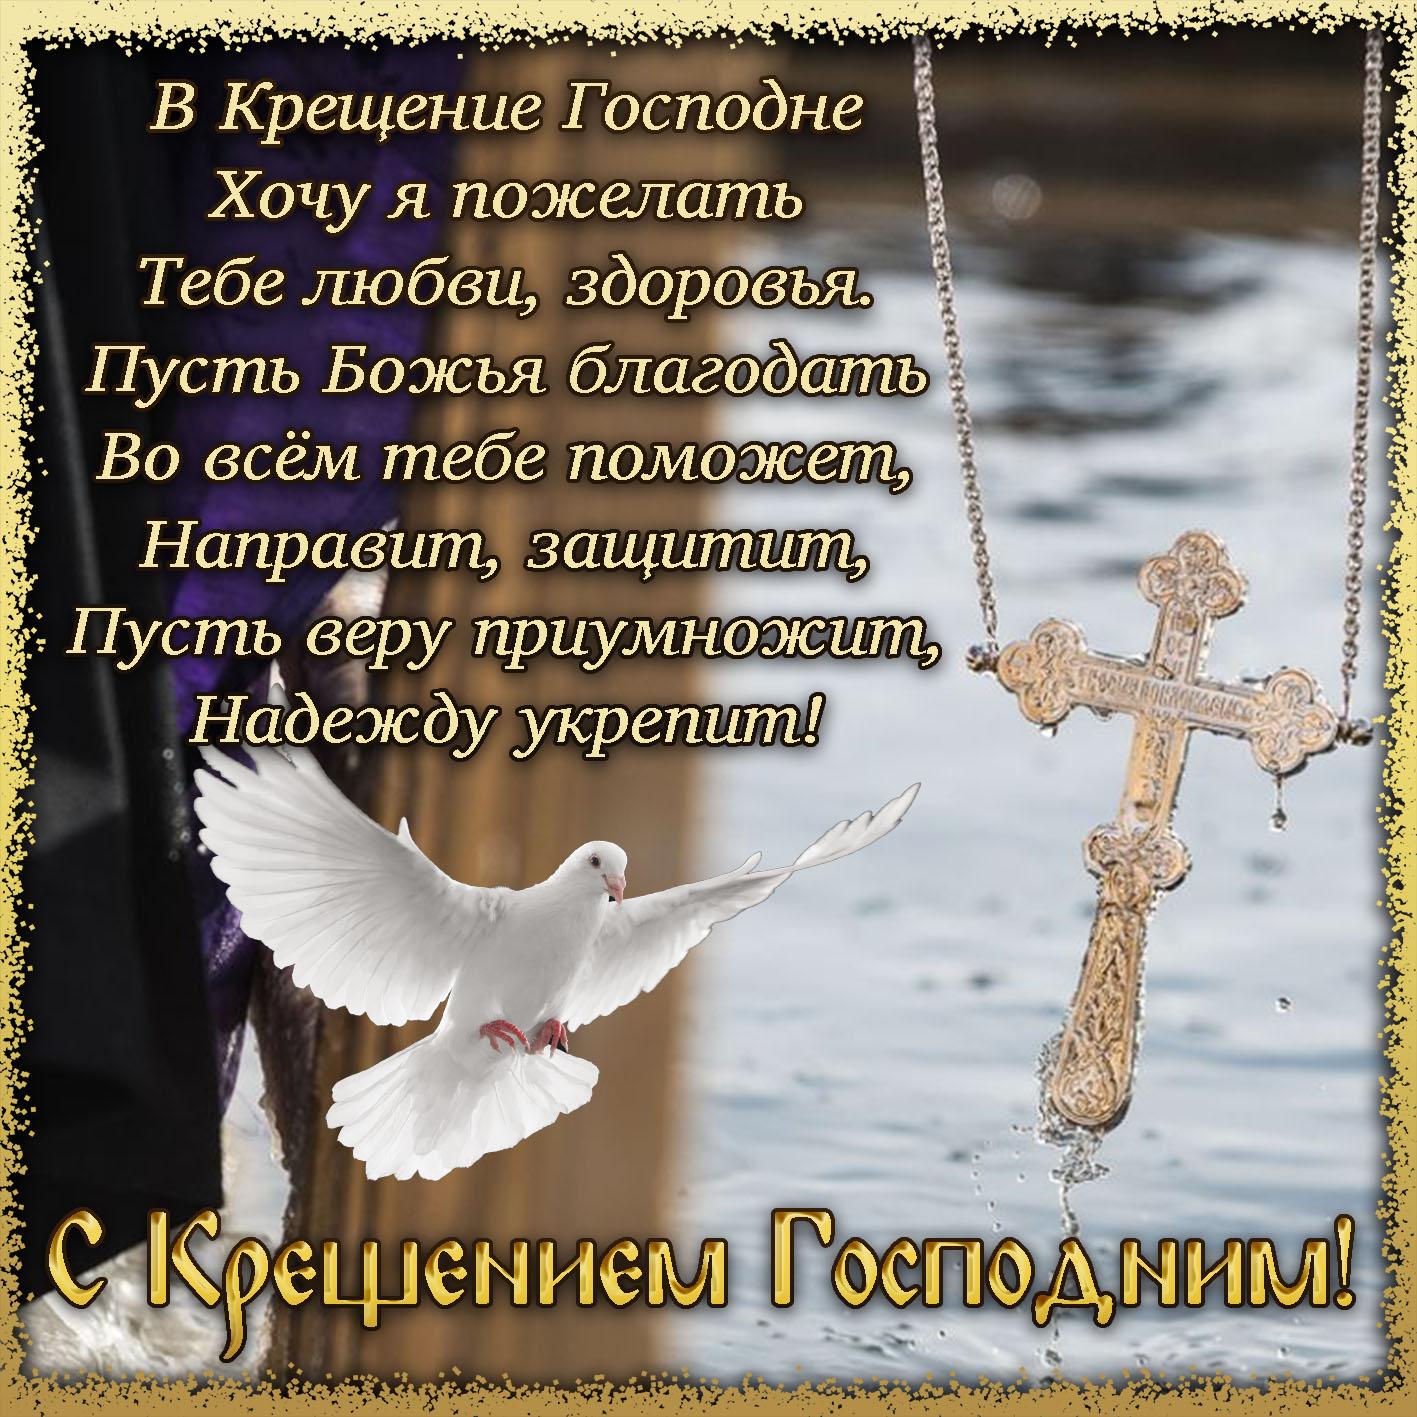 Поздравления на крещением господним короткие